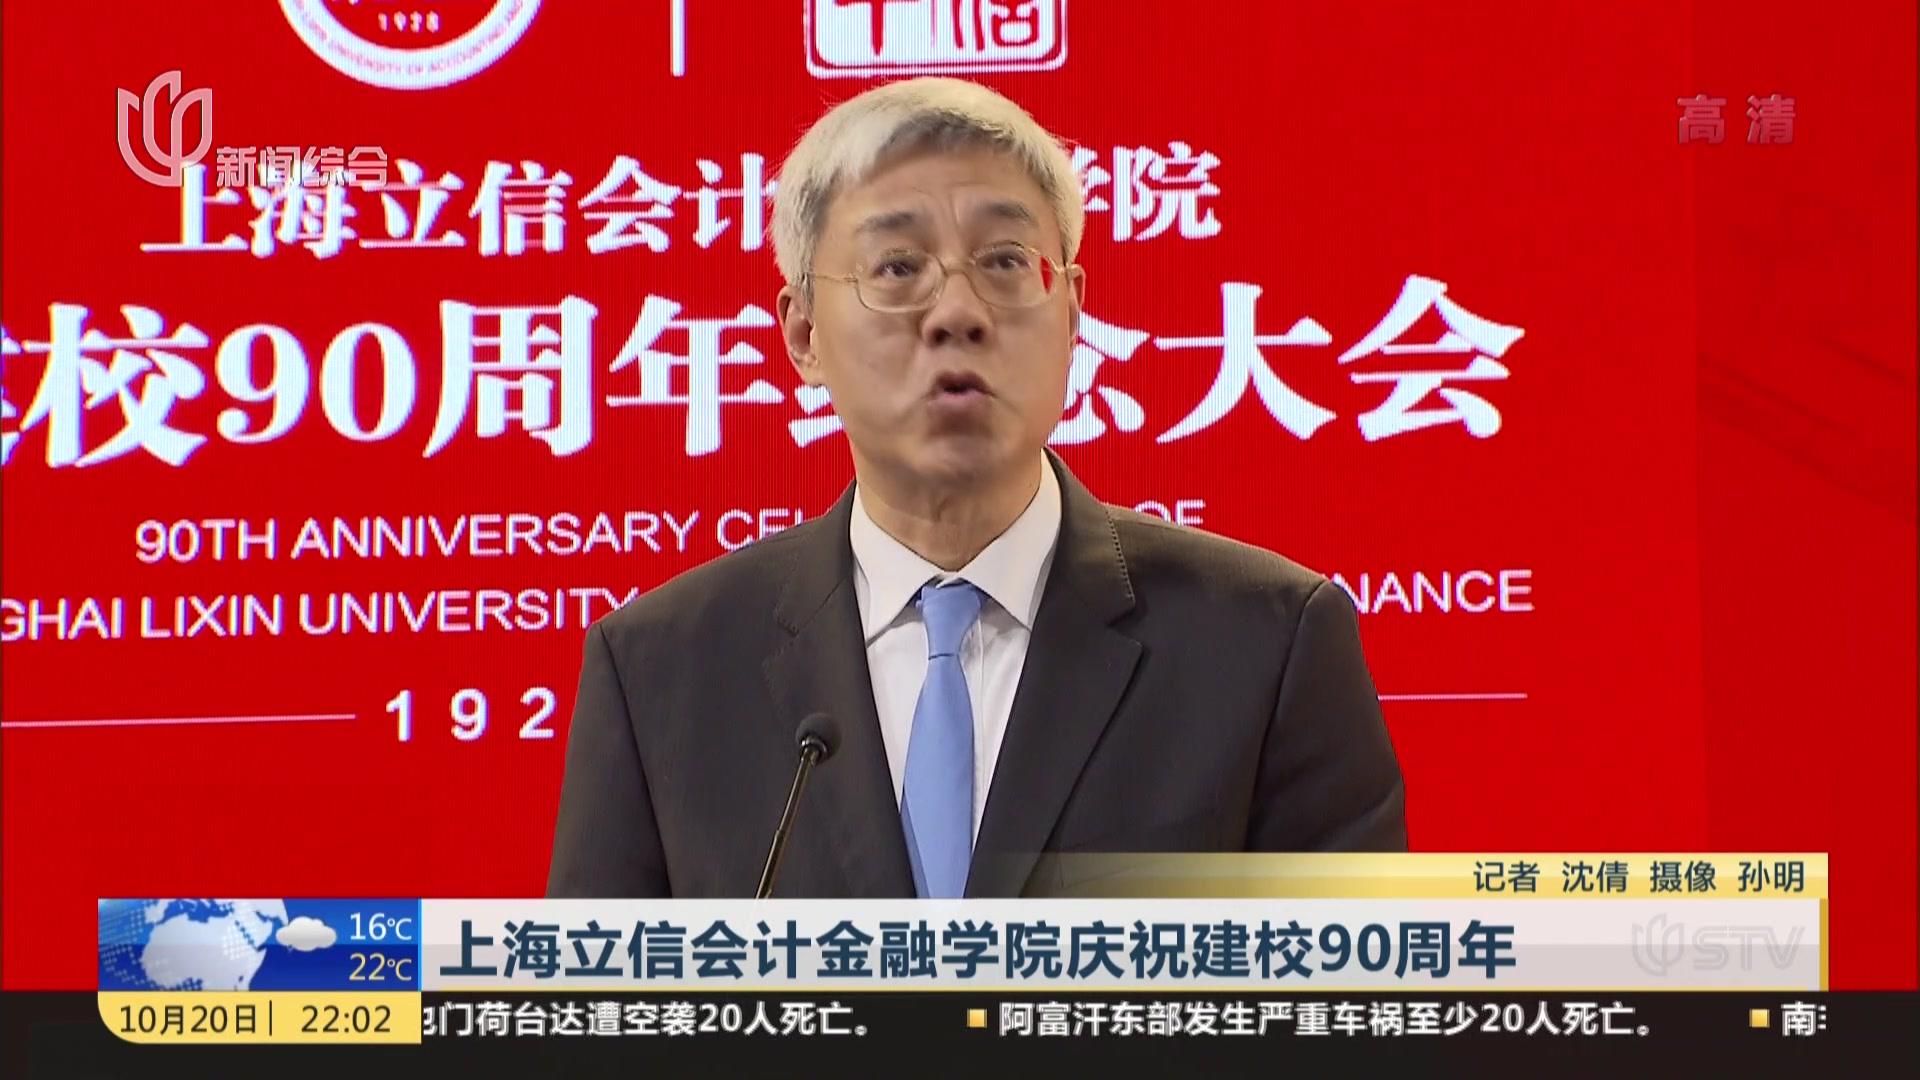 上海立信会计金融学院庆祝建校90周年